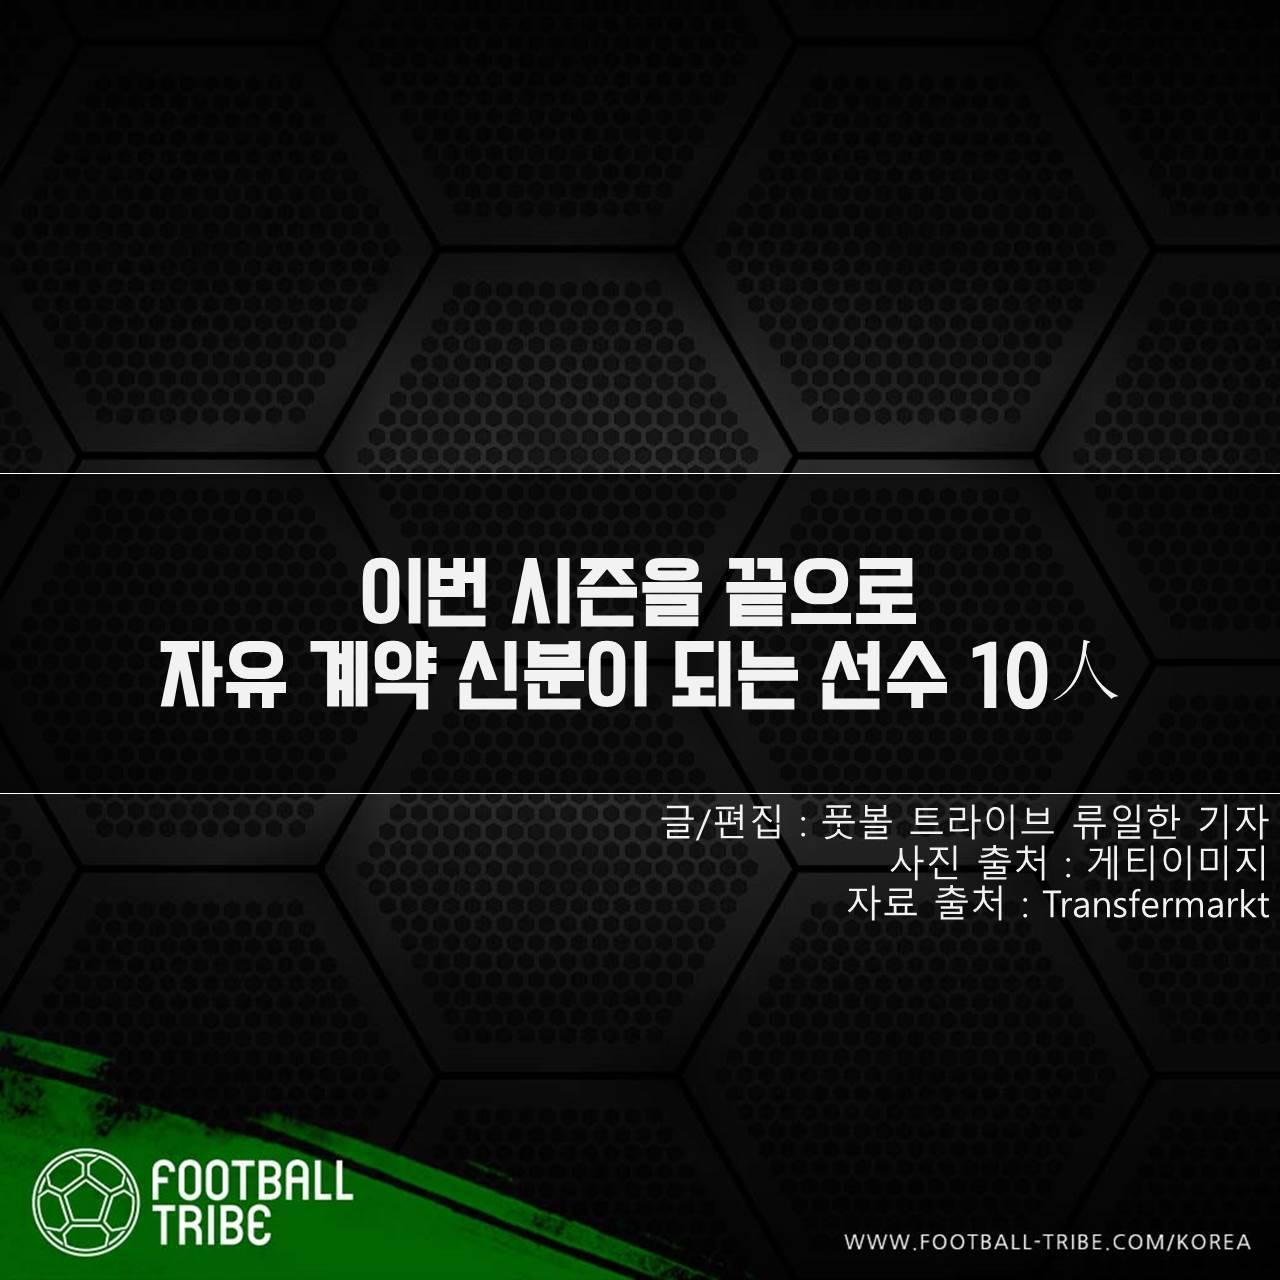 [카드 뉴스] 이번 시즌을 끝으로 자유 계약 신분이 되는 선수 10人